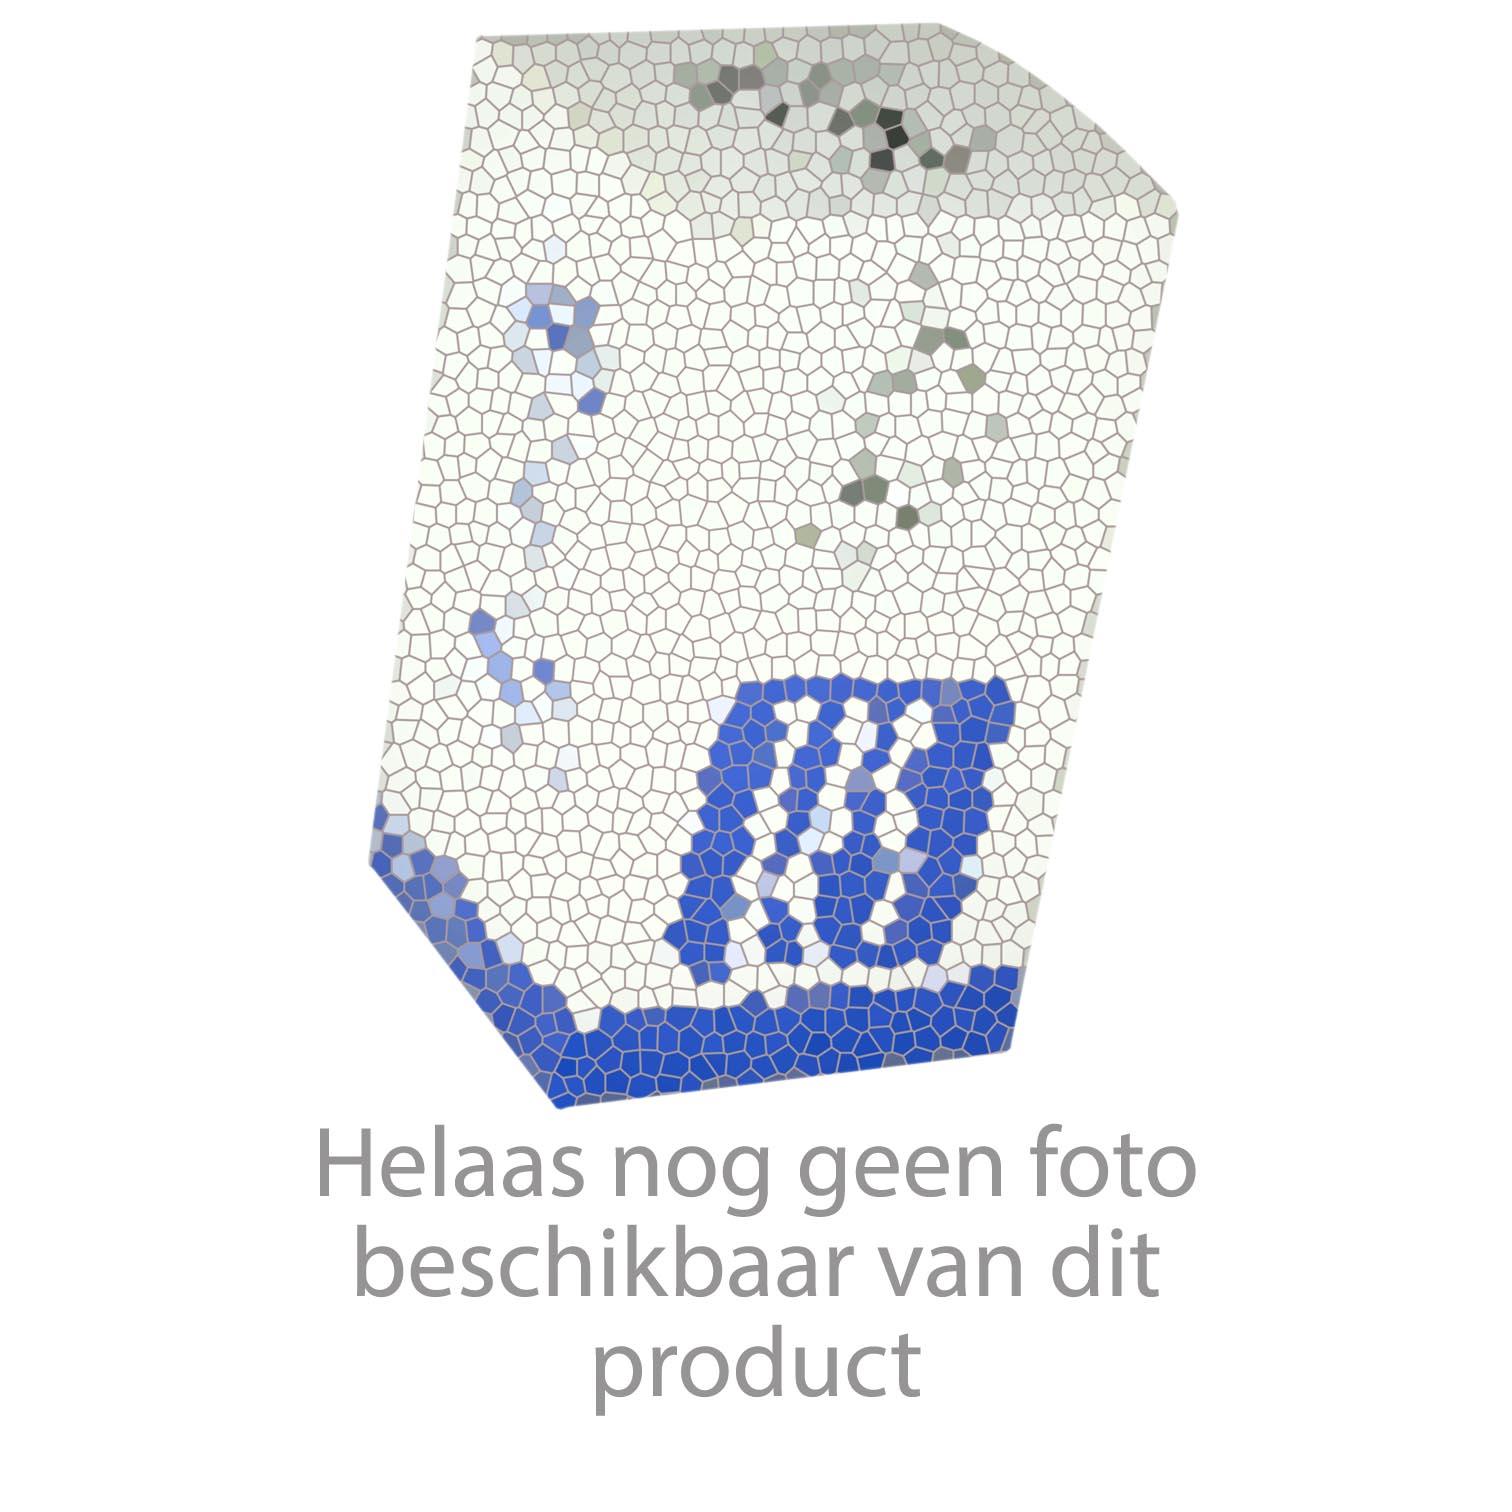 HansGrohe Keukenmengkranen Allegra Variarc productiejaar 07/03 - 08/05 14872 onderdelen